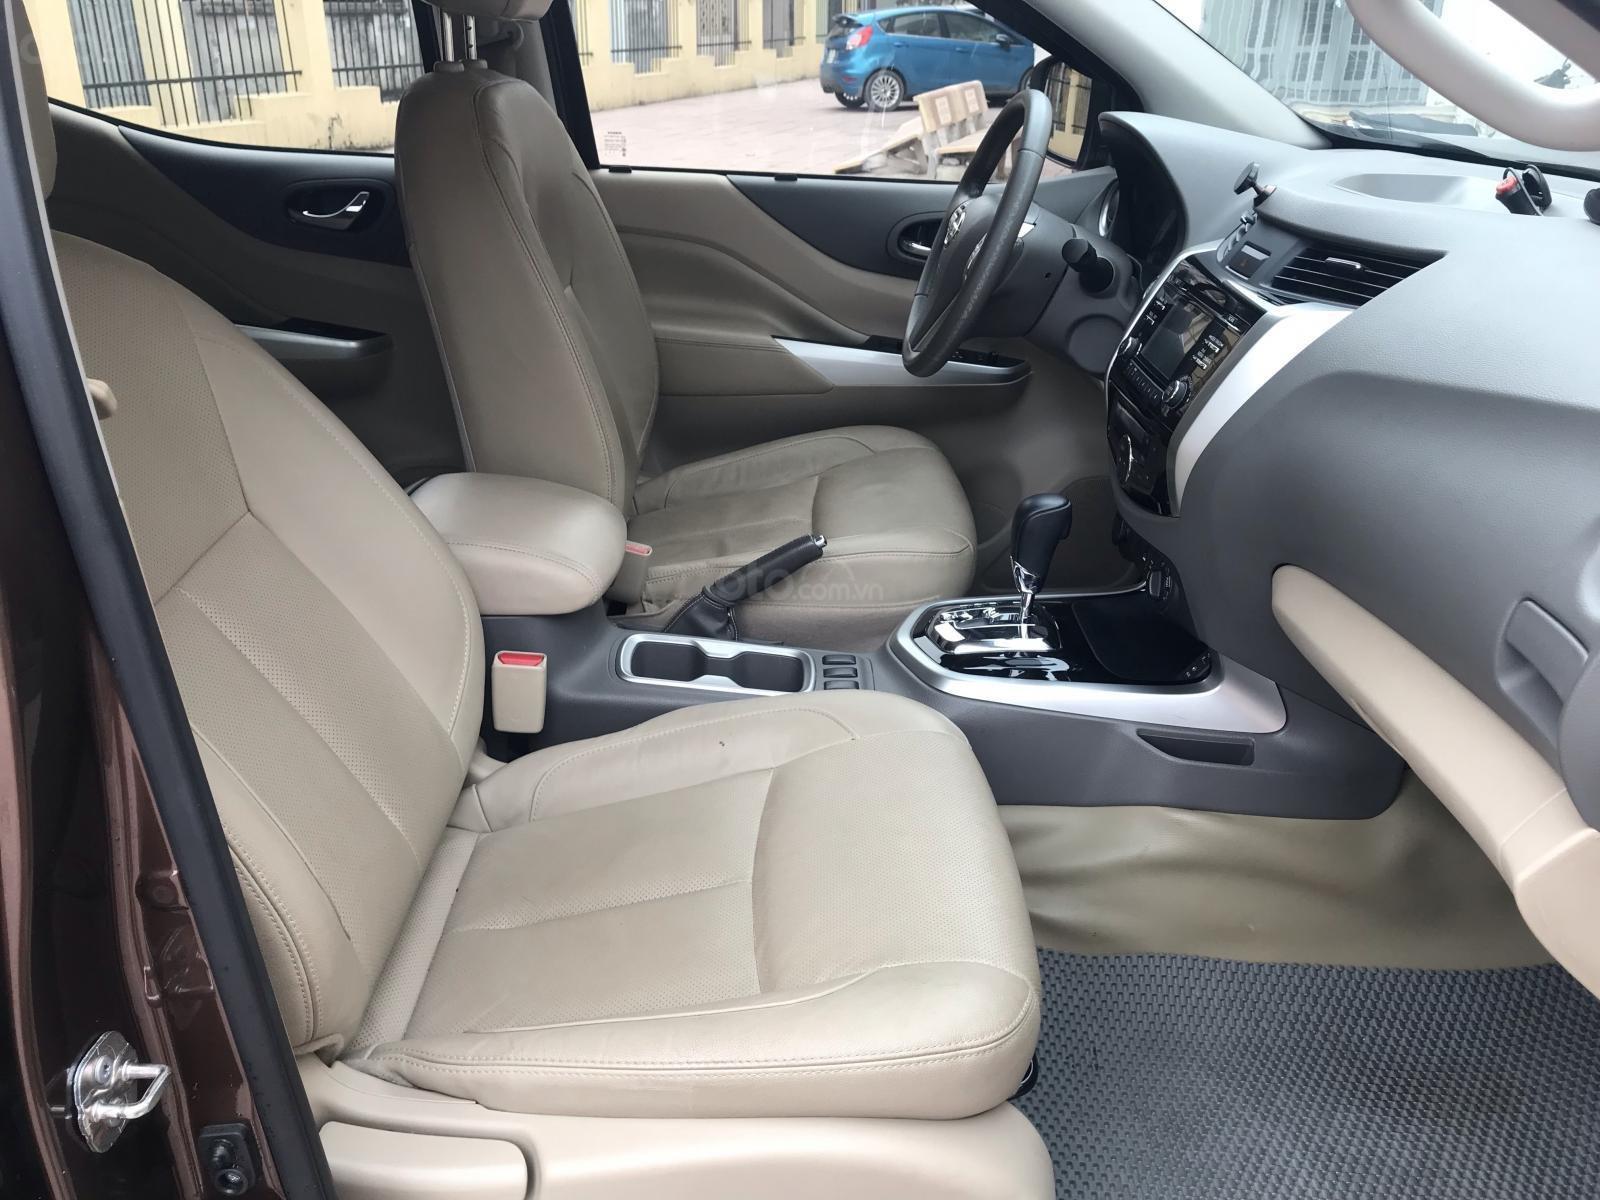 Bán Nissan Navara VL sản xuất năm 2016, màu nâu, nhập khẩu nguyên chiếc, giá chỉ 675 triệu-12